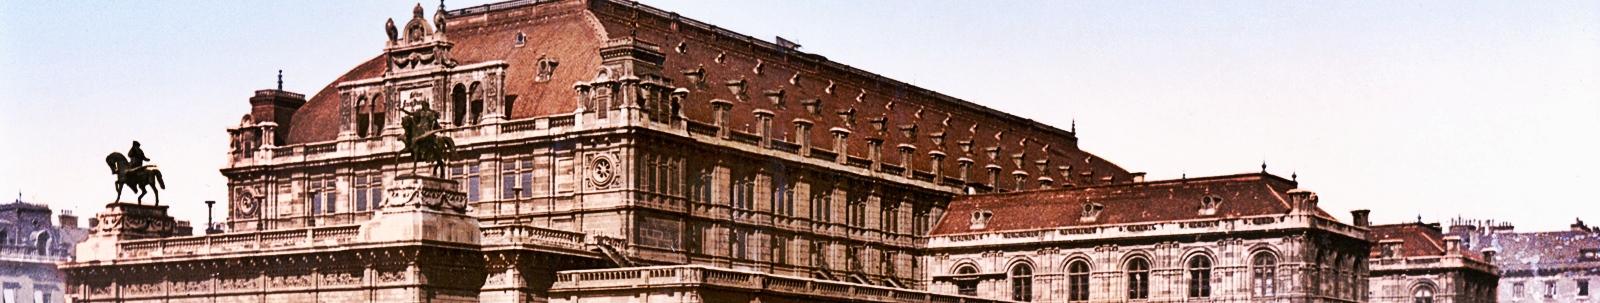 Wien_Opernhaus_um_1900